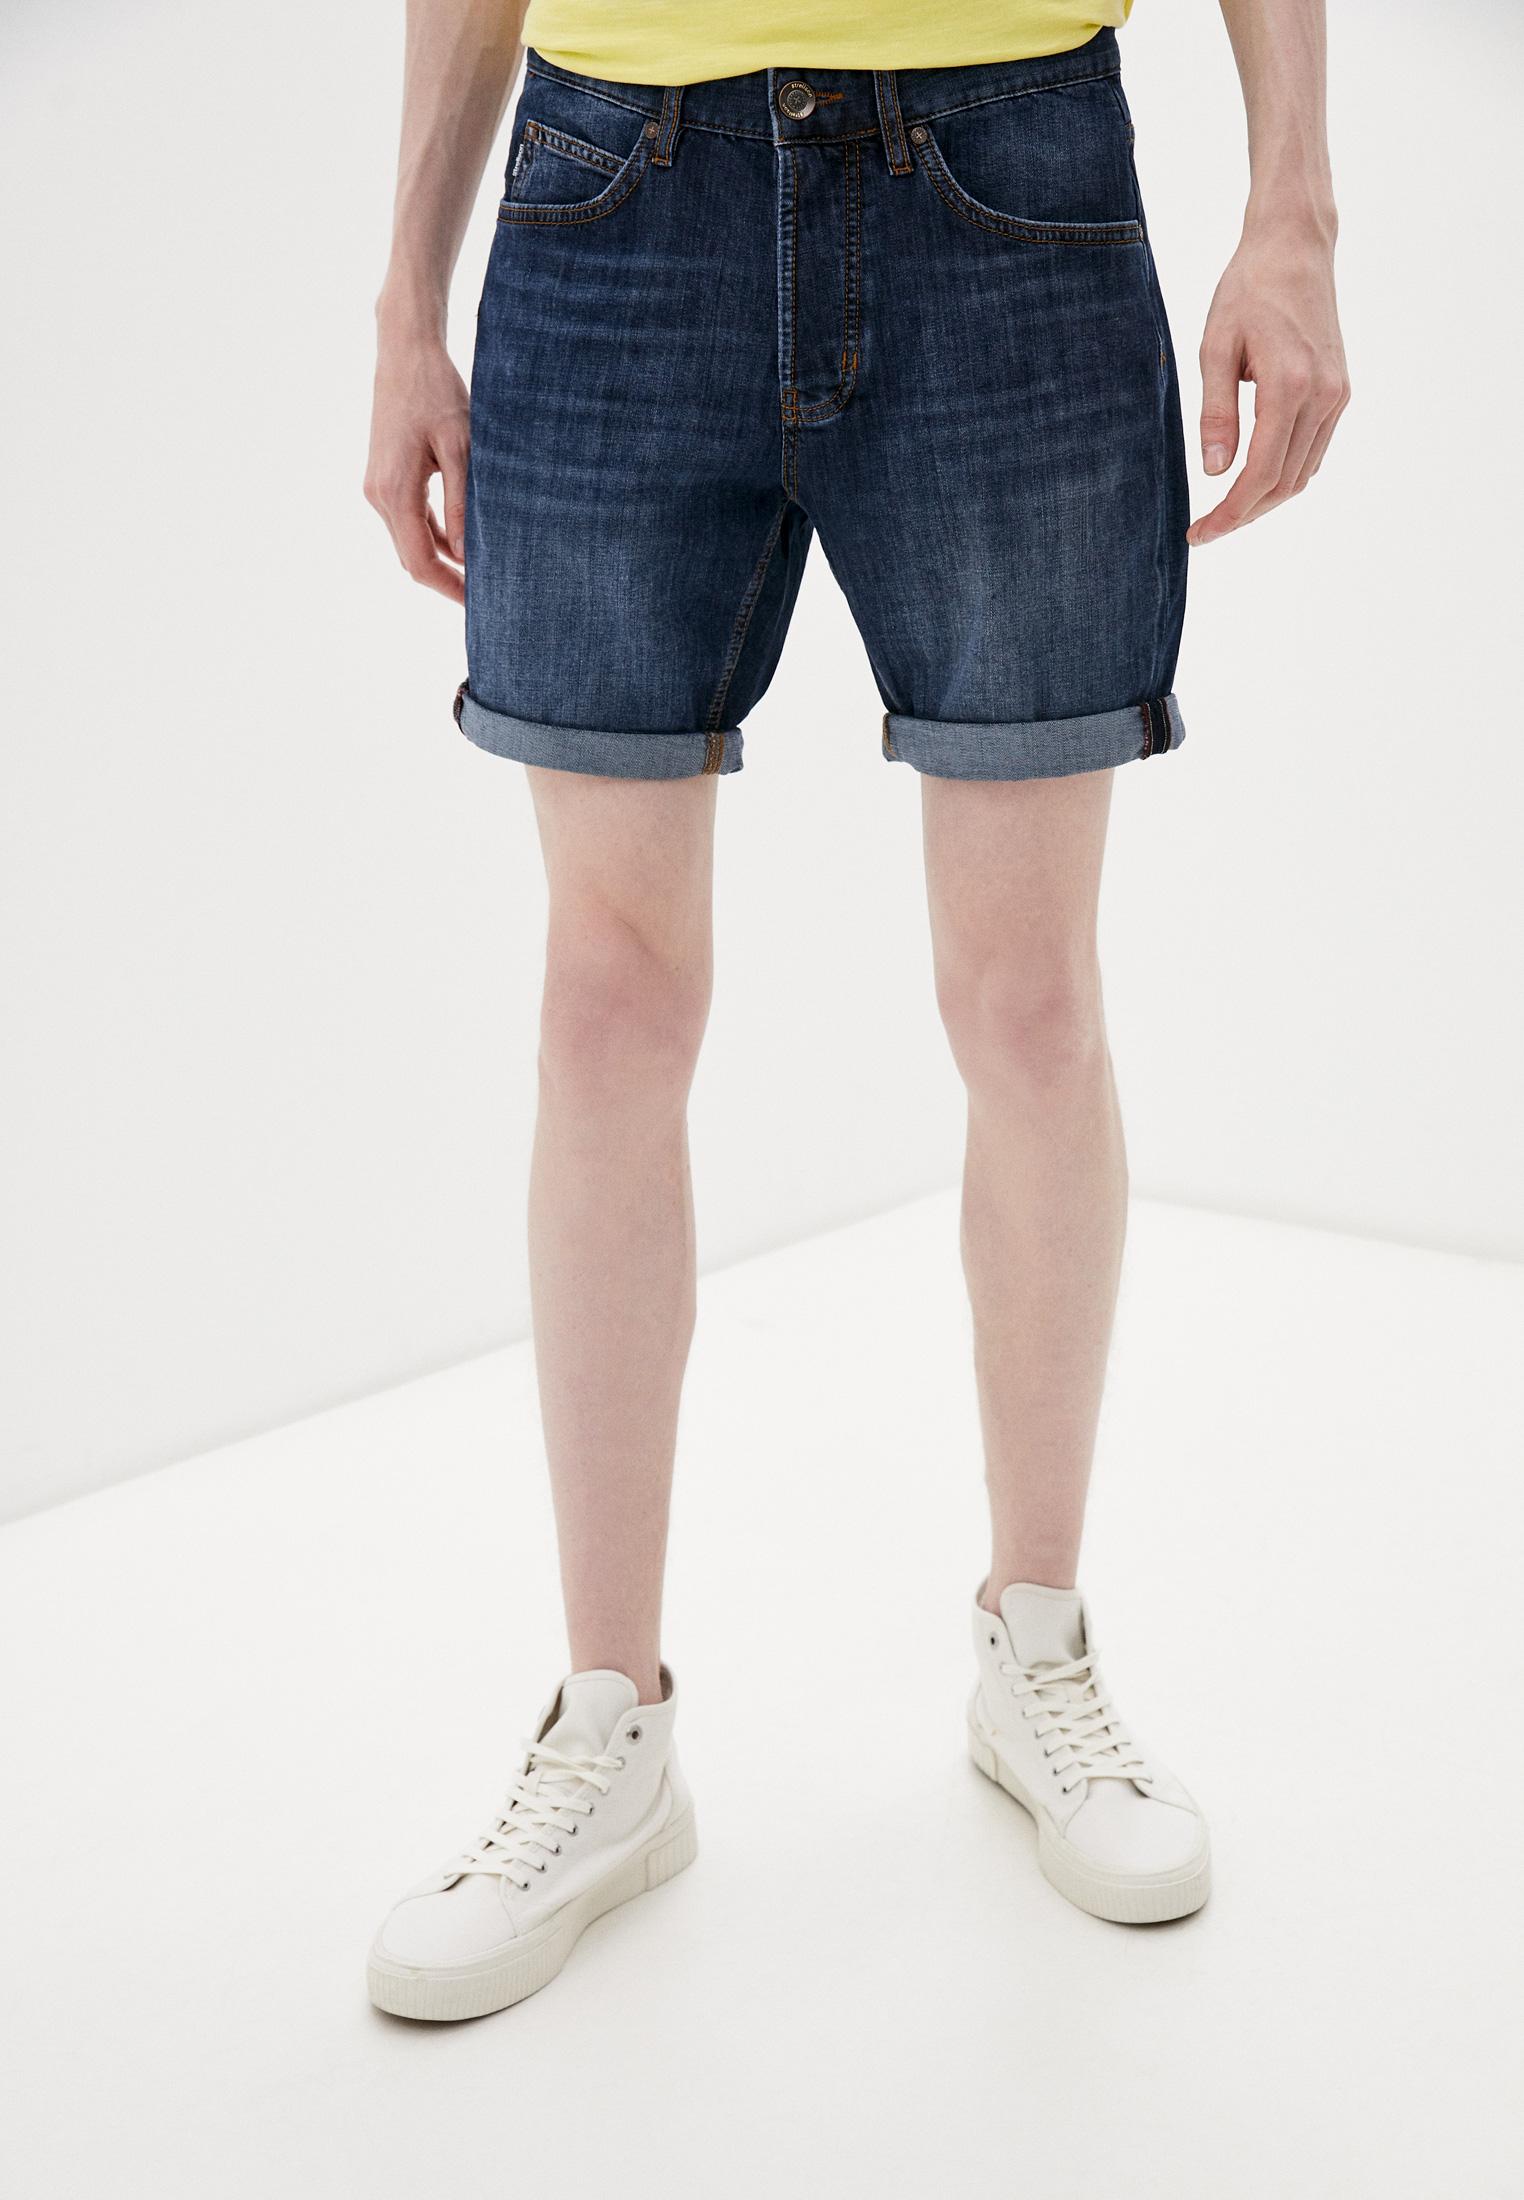 Мужские джинсовые шорты Strellson Шорты джинсовые Strellson